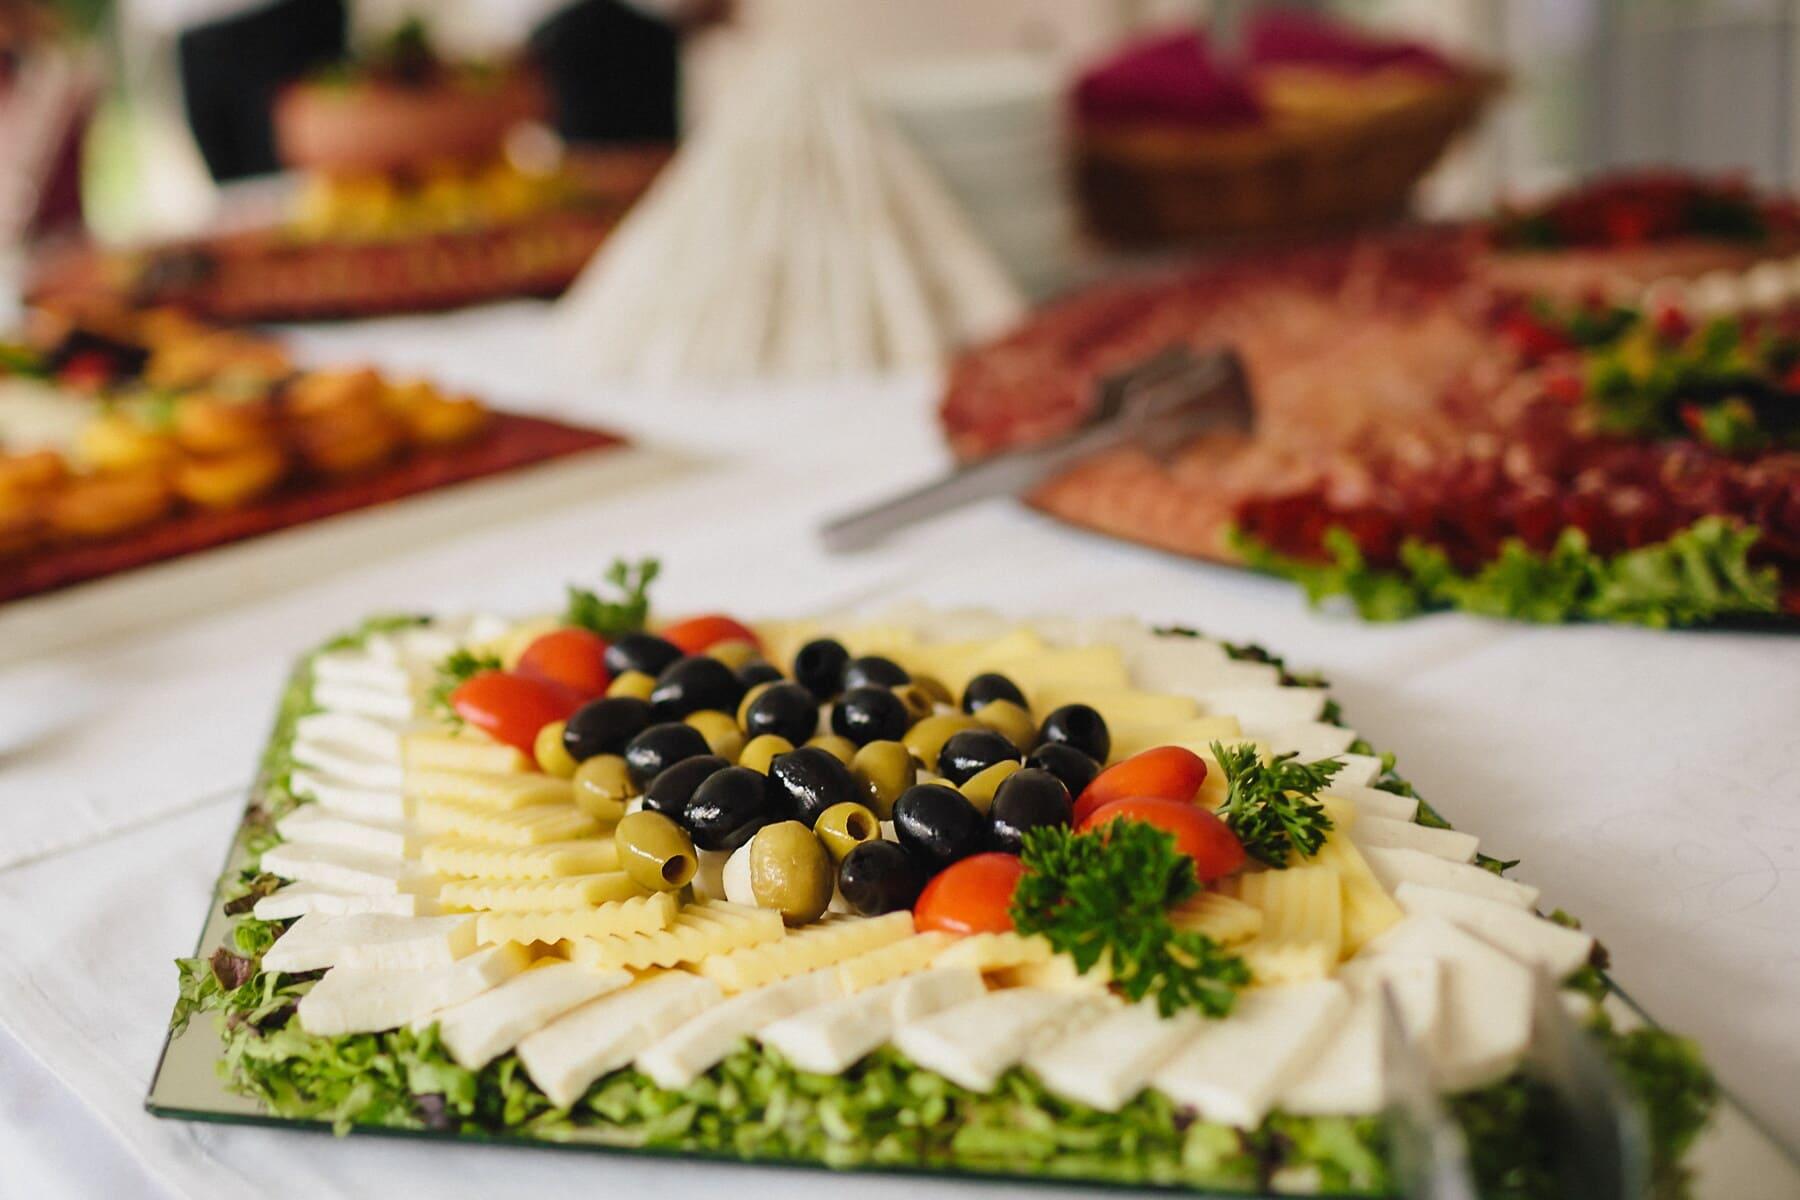 olive, noir, fromage, mozzarella, plaque, salade, plat, dîner, légume, apéritif